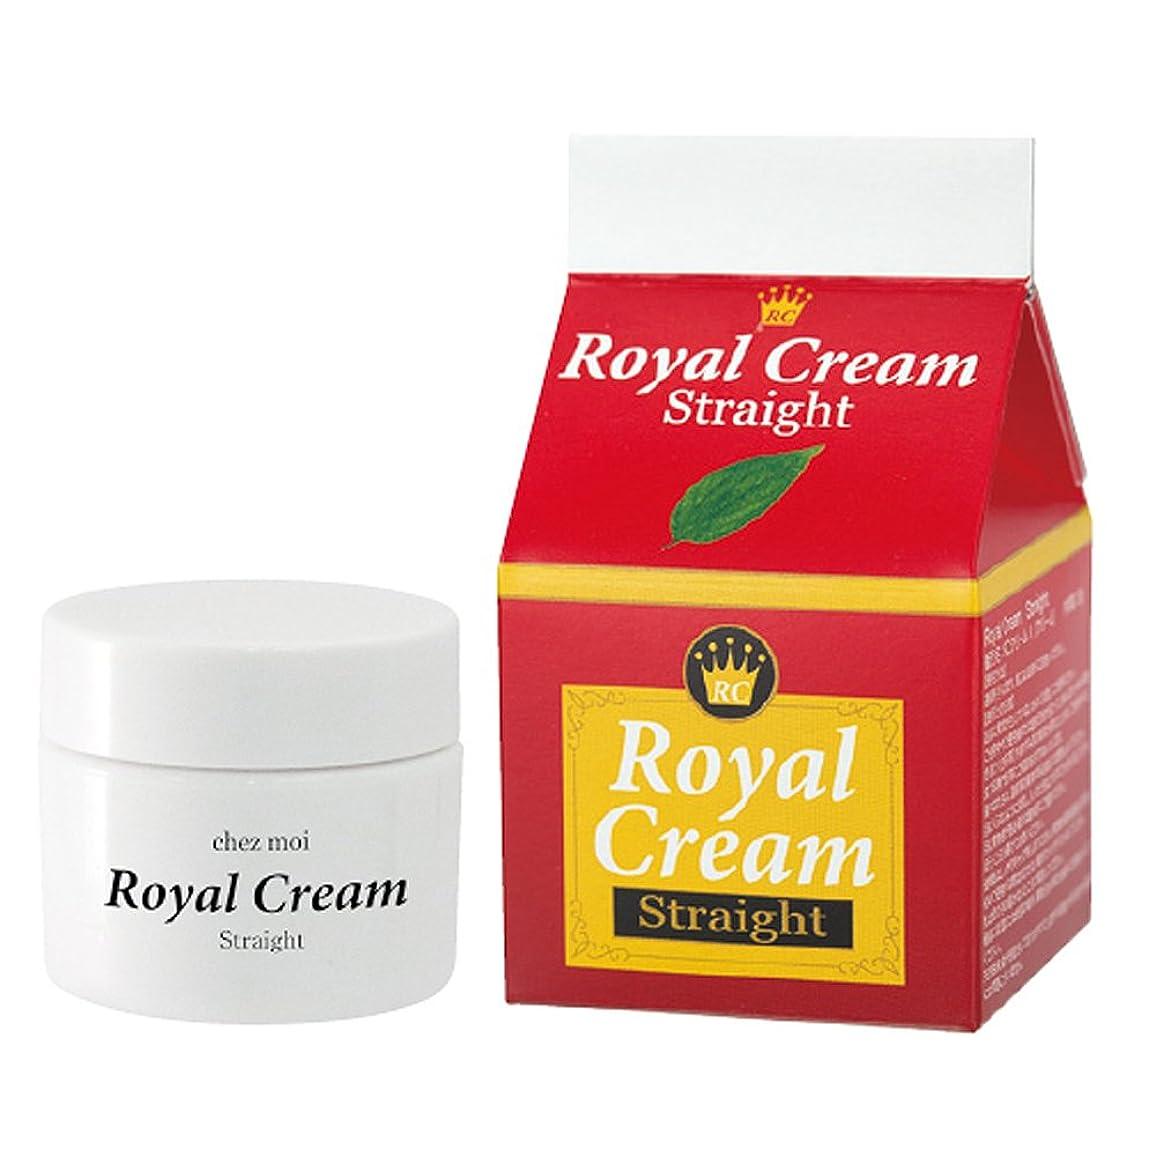 貸し手目指すふけるシェモア Royal Cream Straight(ロイヤルクリームストレート) 30g